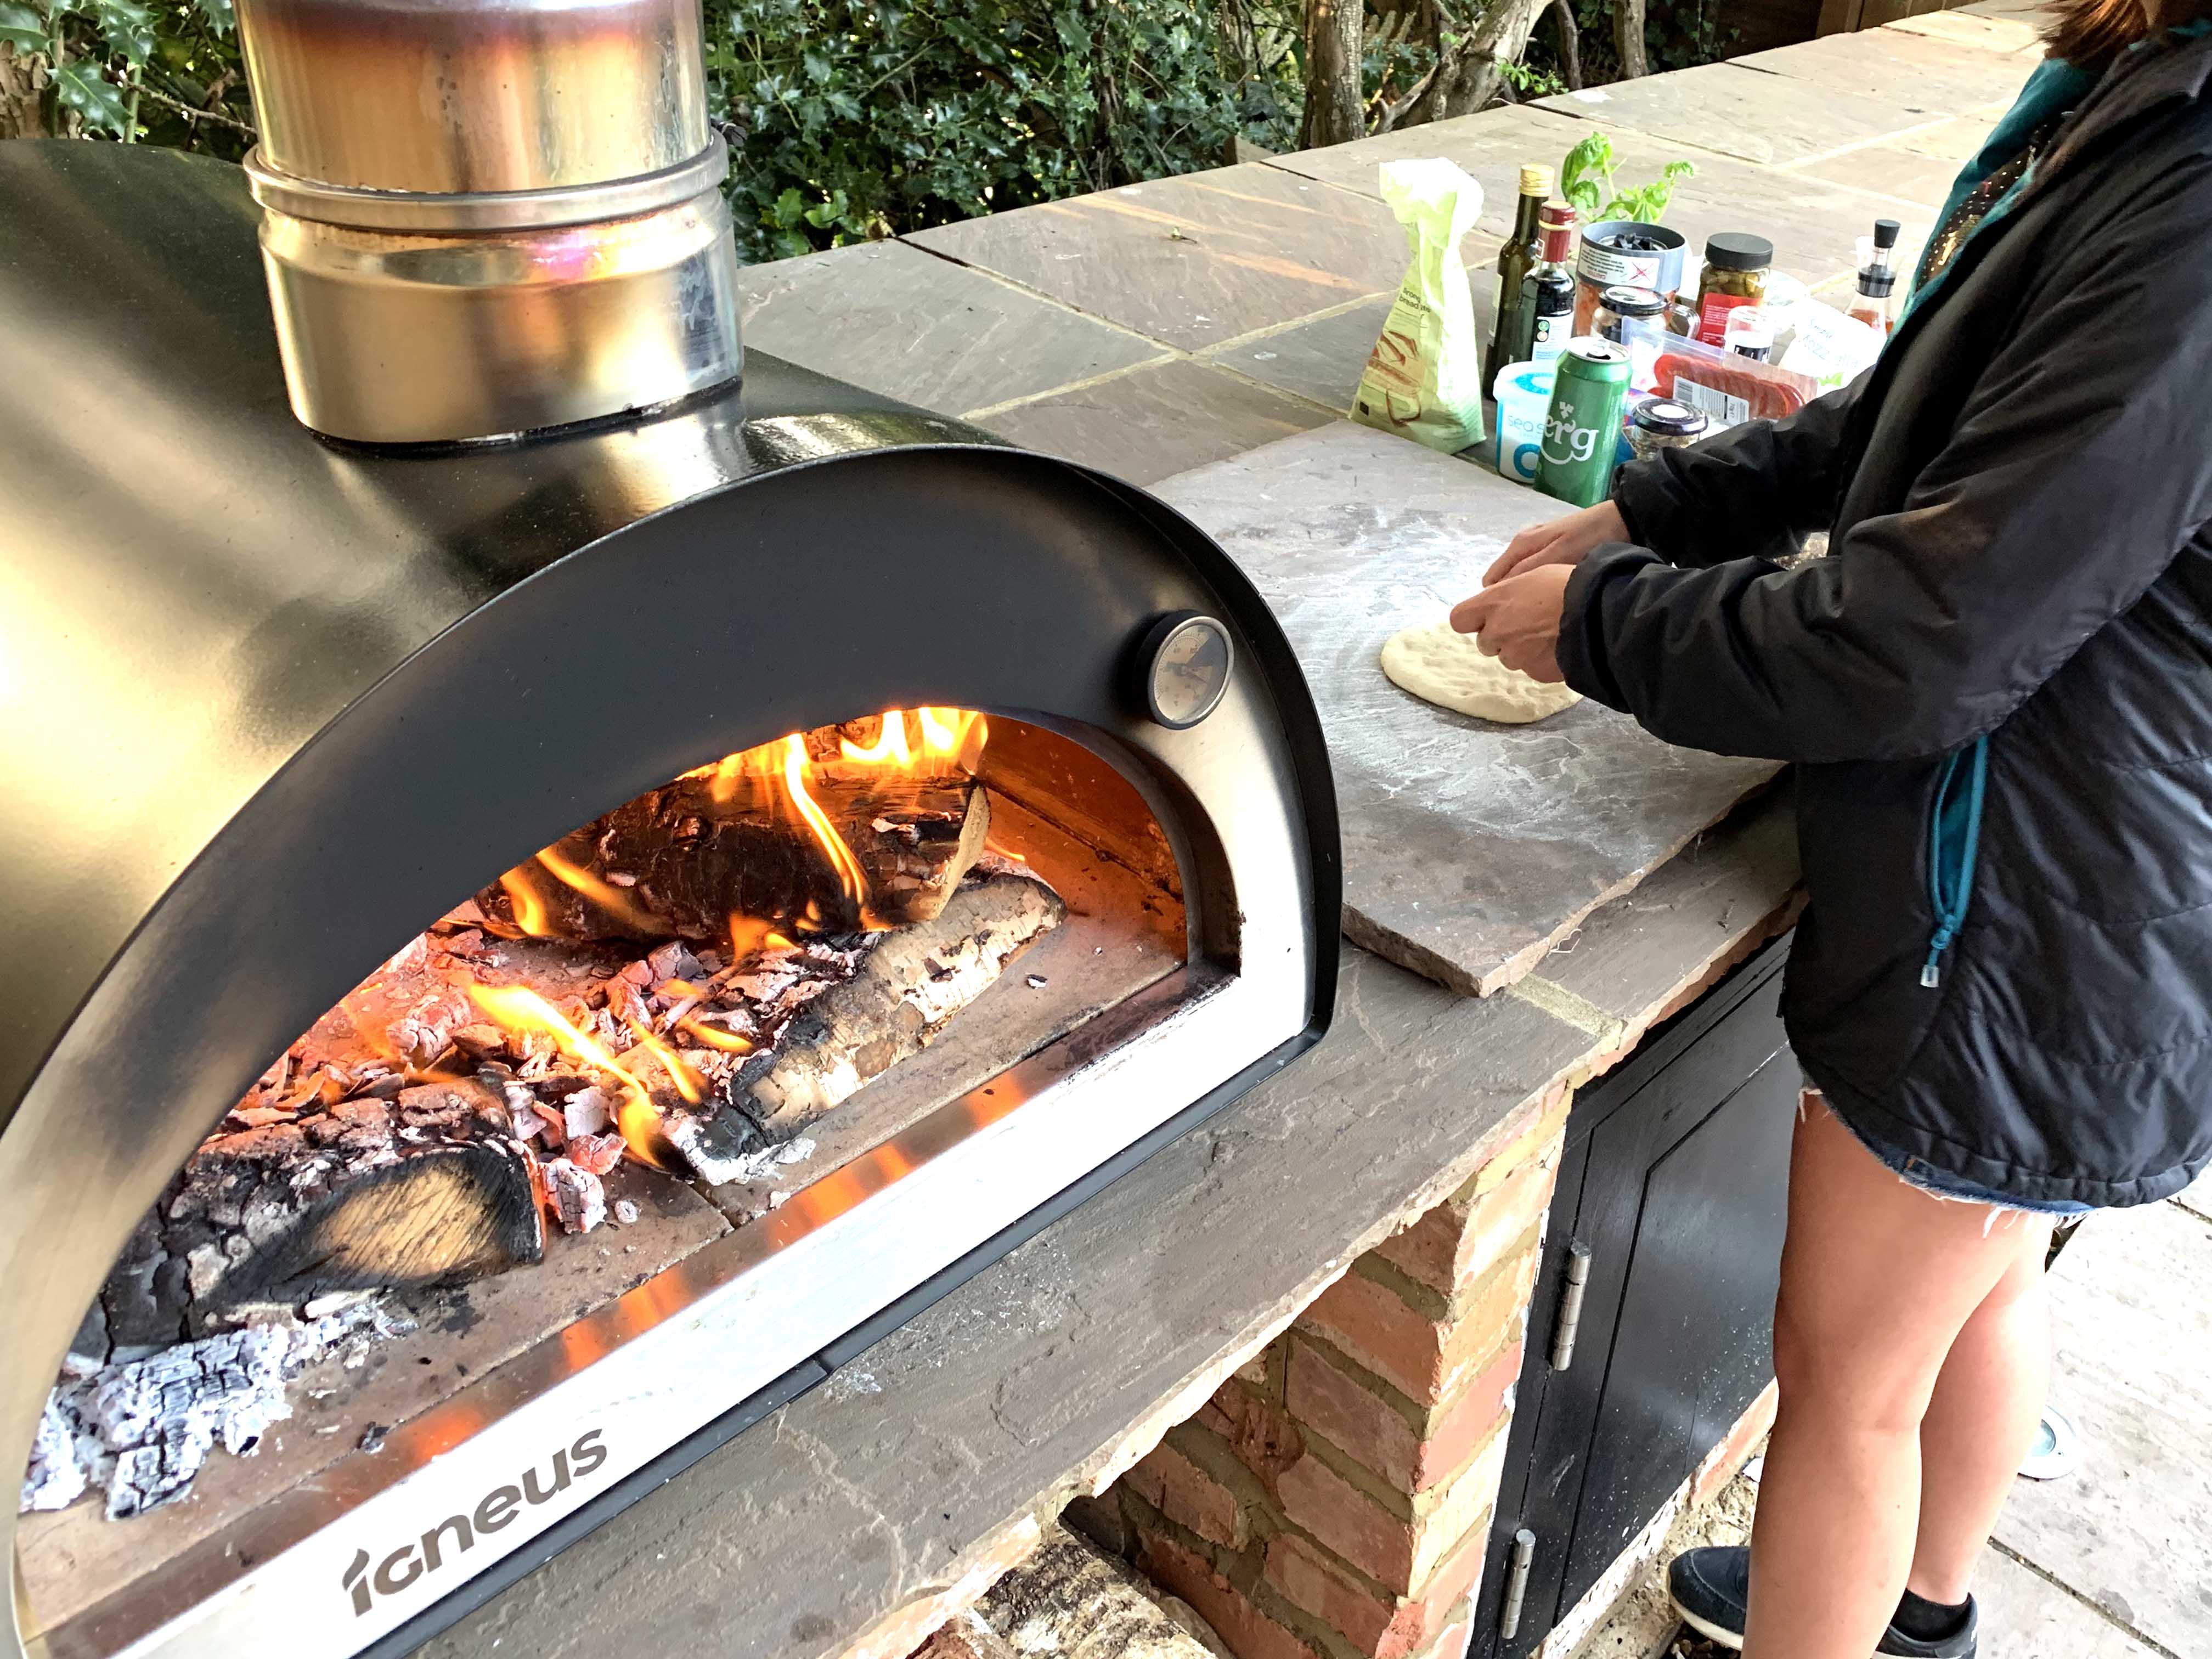 Igneus Classico Pizza Oven review